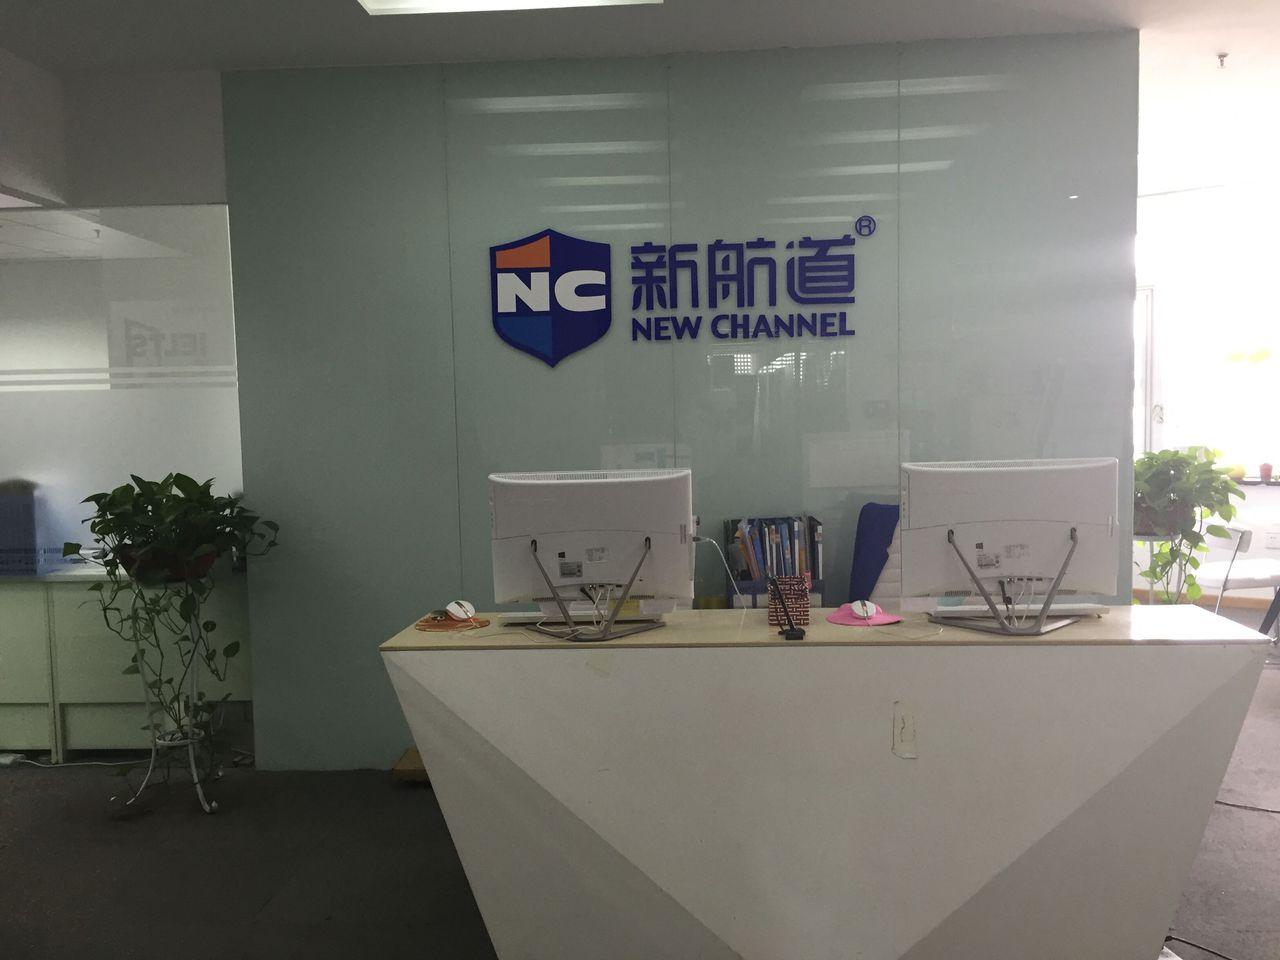 哈尔滨新航道教育